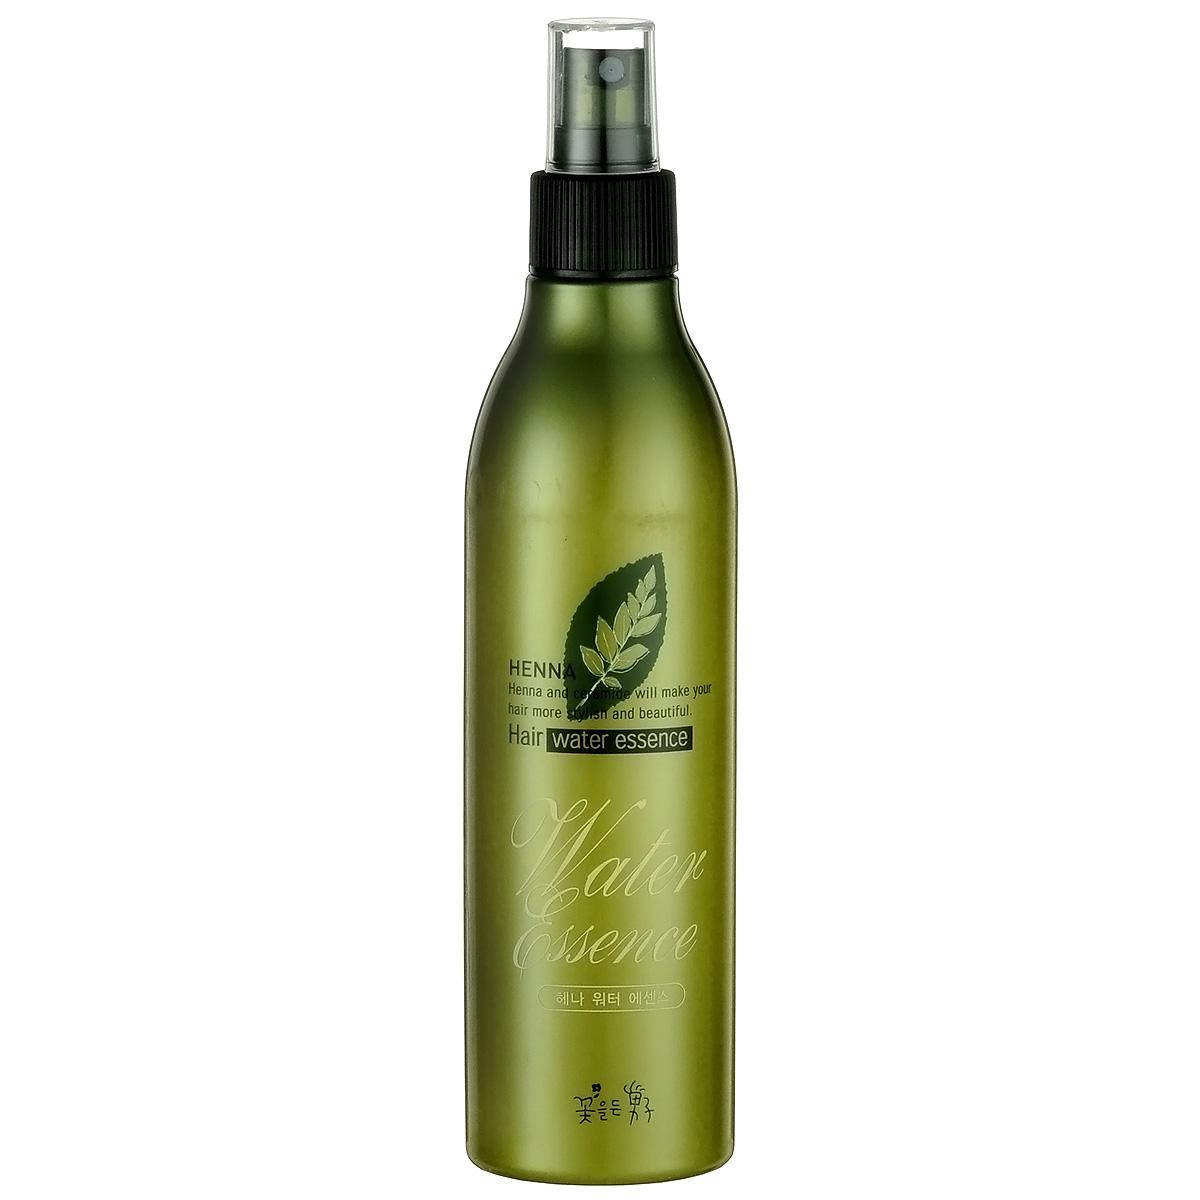 Somang Henna Увлажняющий флюид для волос, 300 мл902176107Обеспечивает волосам длительное увлажнение и питание. Дезодорирует волосы, защищая от запахов табака, пищи и пр. Содержит экстракт ламинарии, гидролизованный кератин и керамид. Для всех типов волос. Подходит для ежедневного использования.